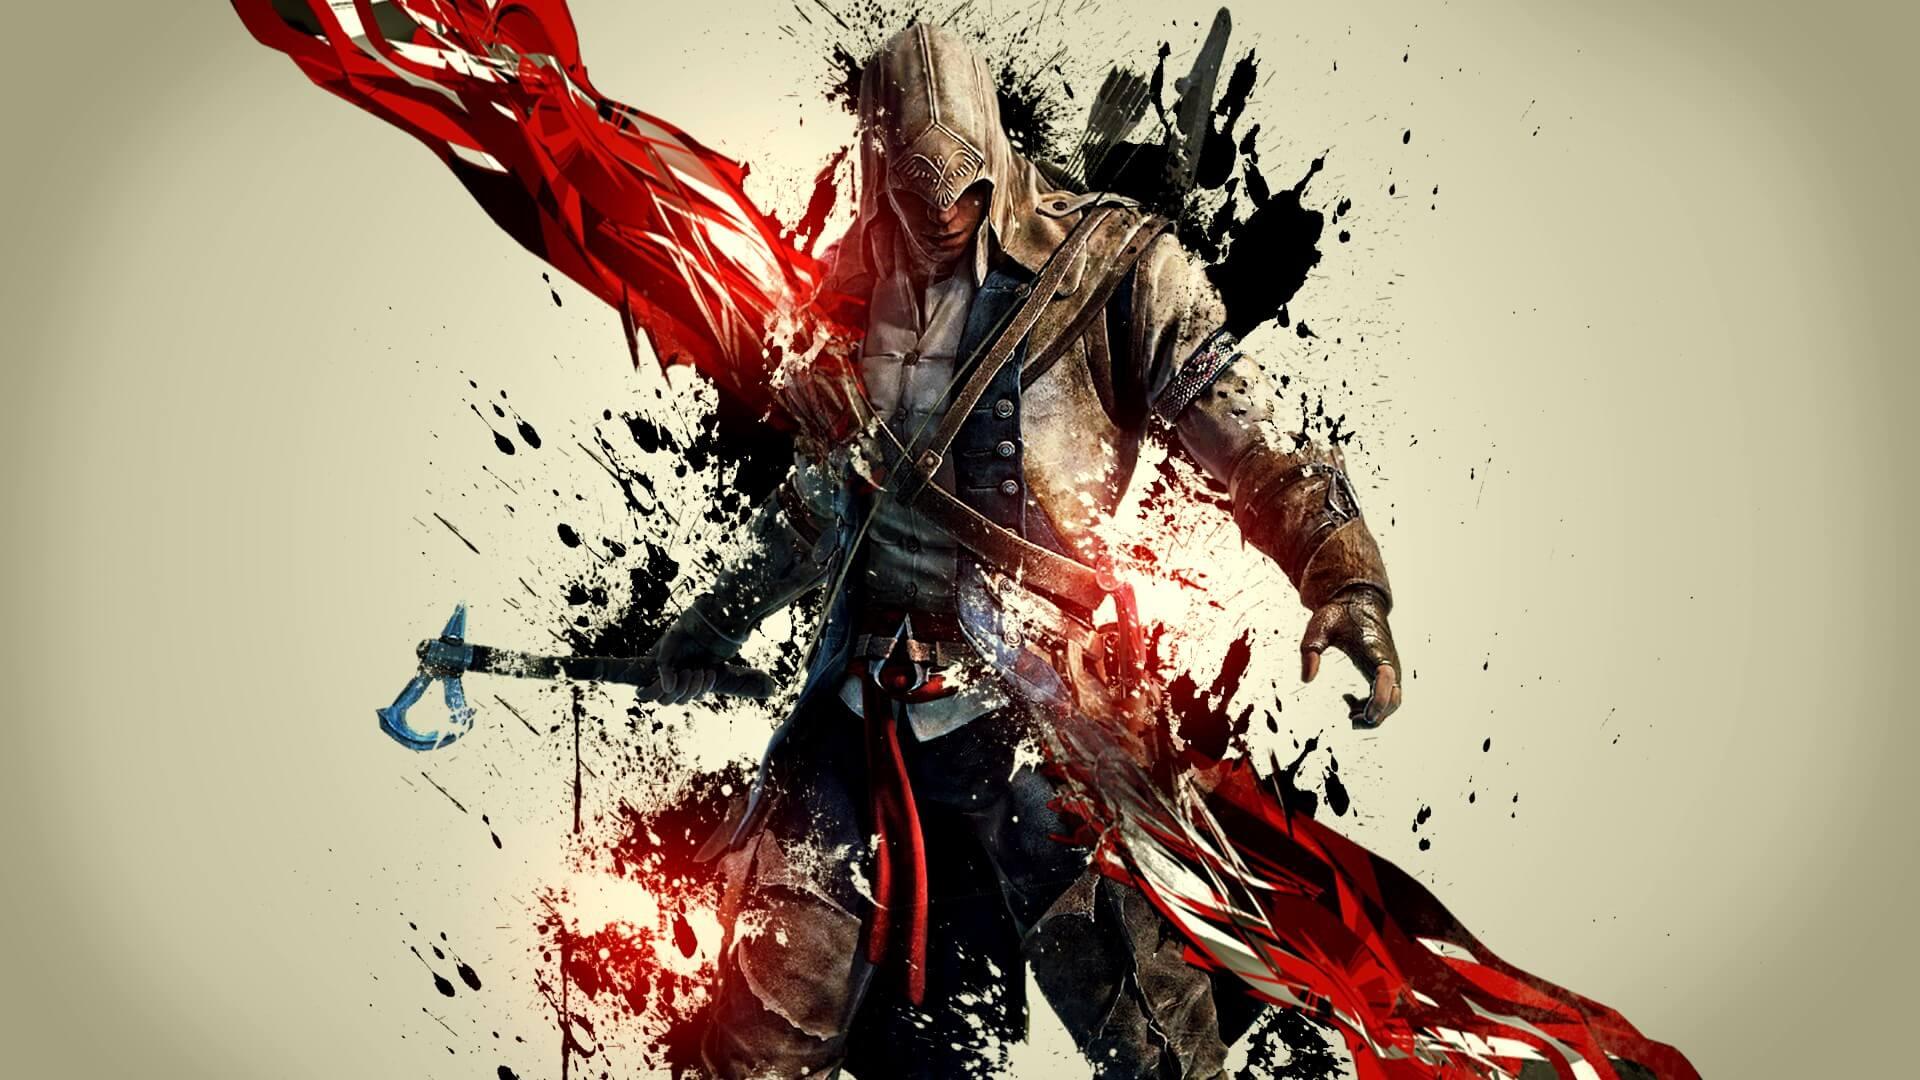 Топ-5 худших игр за историю серии Assassin`s Сreed Creed, часть, серии, Ubisoft, просто, Альтаир, история, истории, чтобы, после, полностью, Rogue, проблемы, своих, части, частью, связь, который, второй, игрой